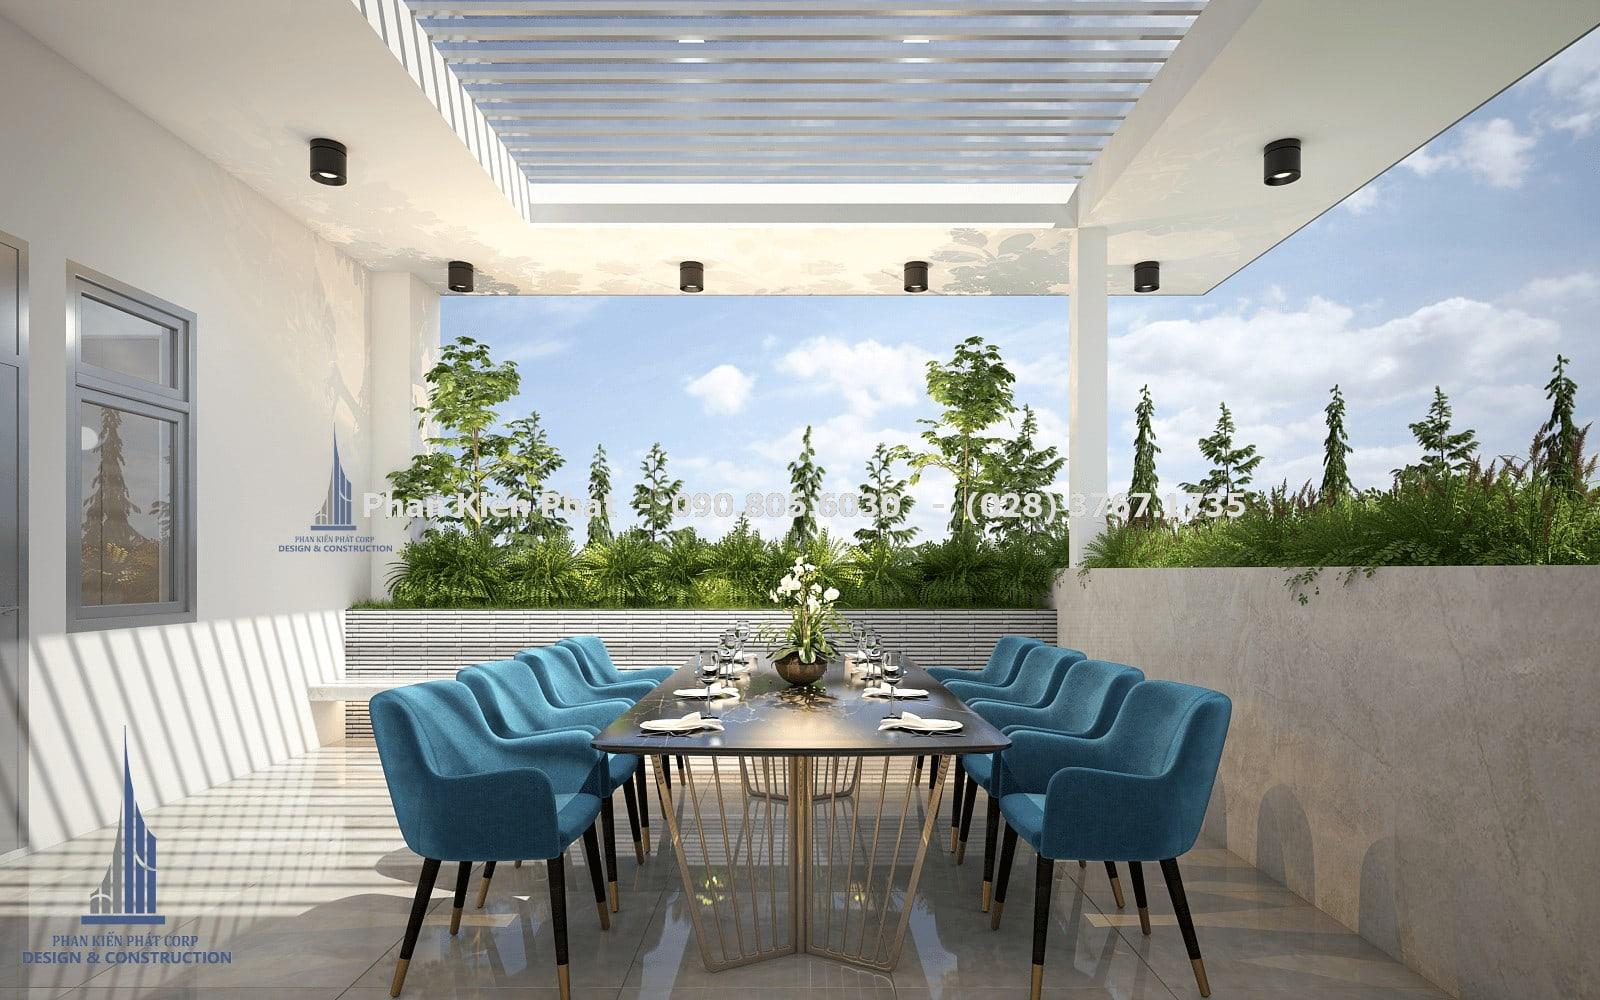 Thiết kế phòng ăn trên sân thượng, cây cảnh được bao quanh tạo cảm giác mát mẻ góc 3